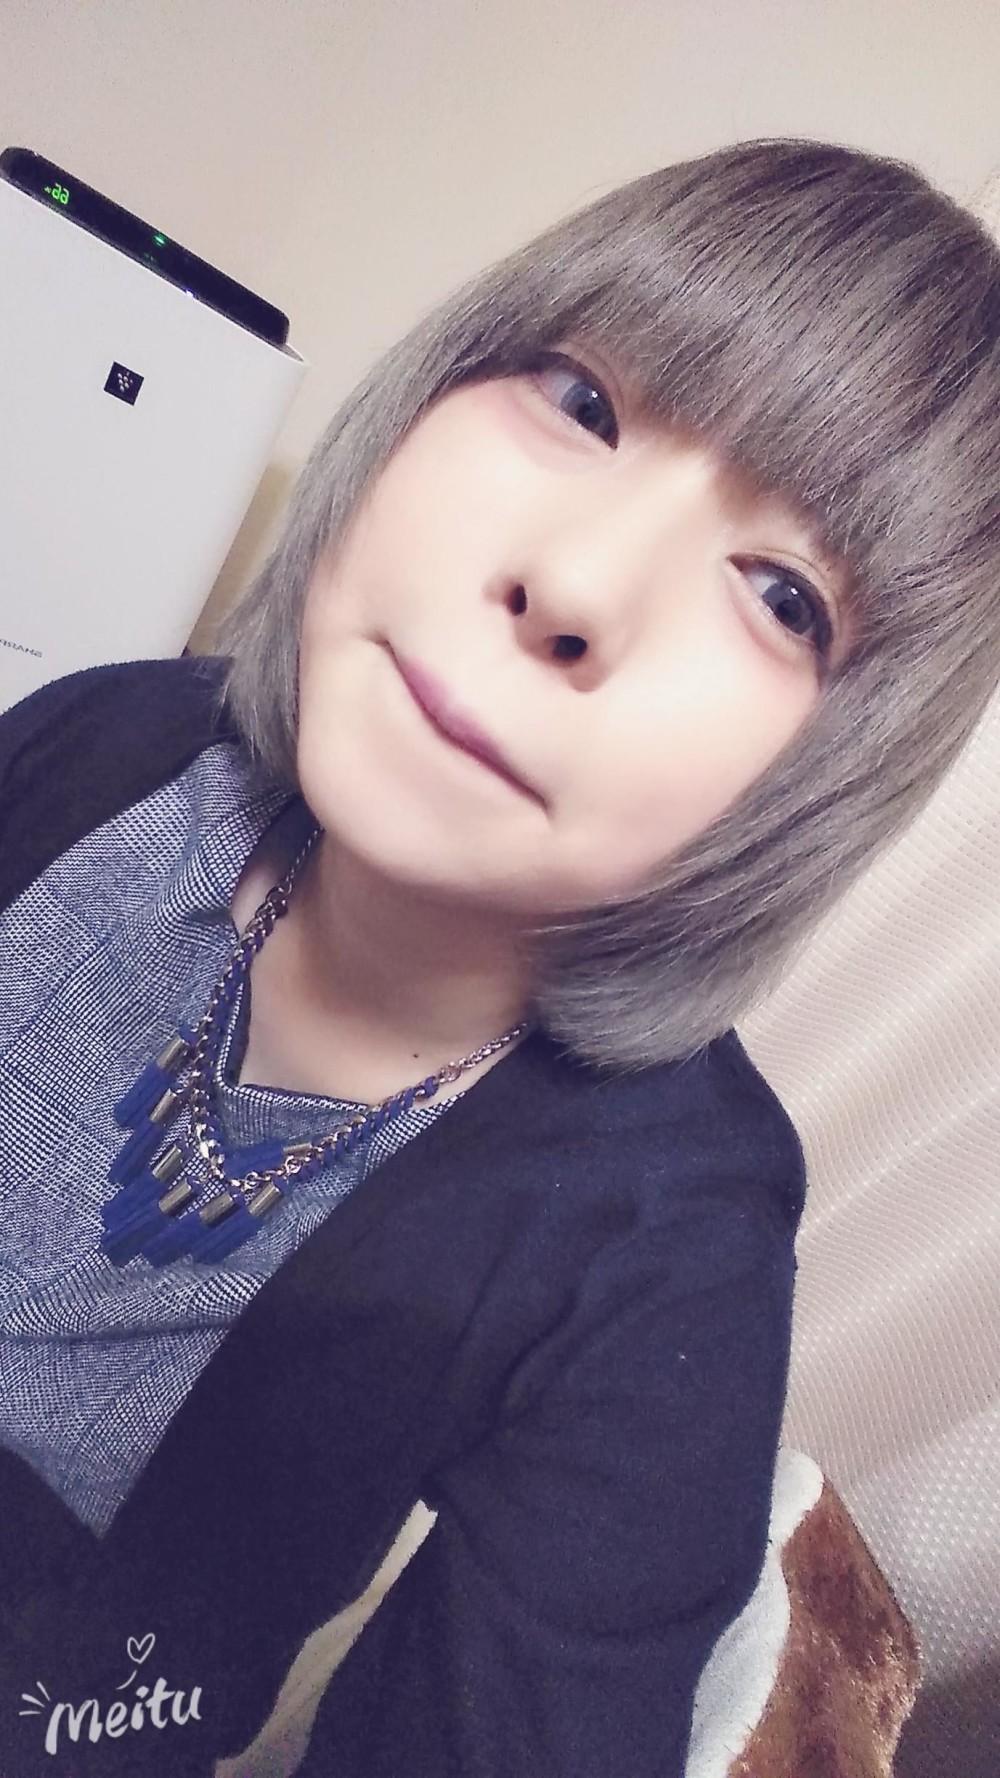 椎橋ねね(ぴこぴこ≠にゃんちゃ~ )